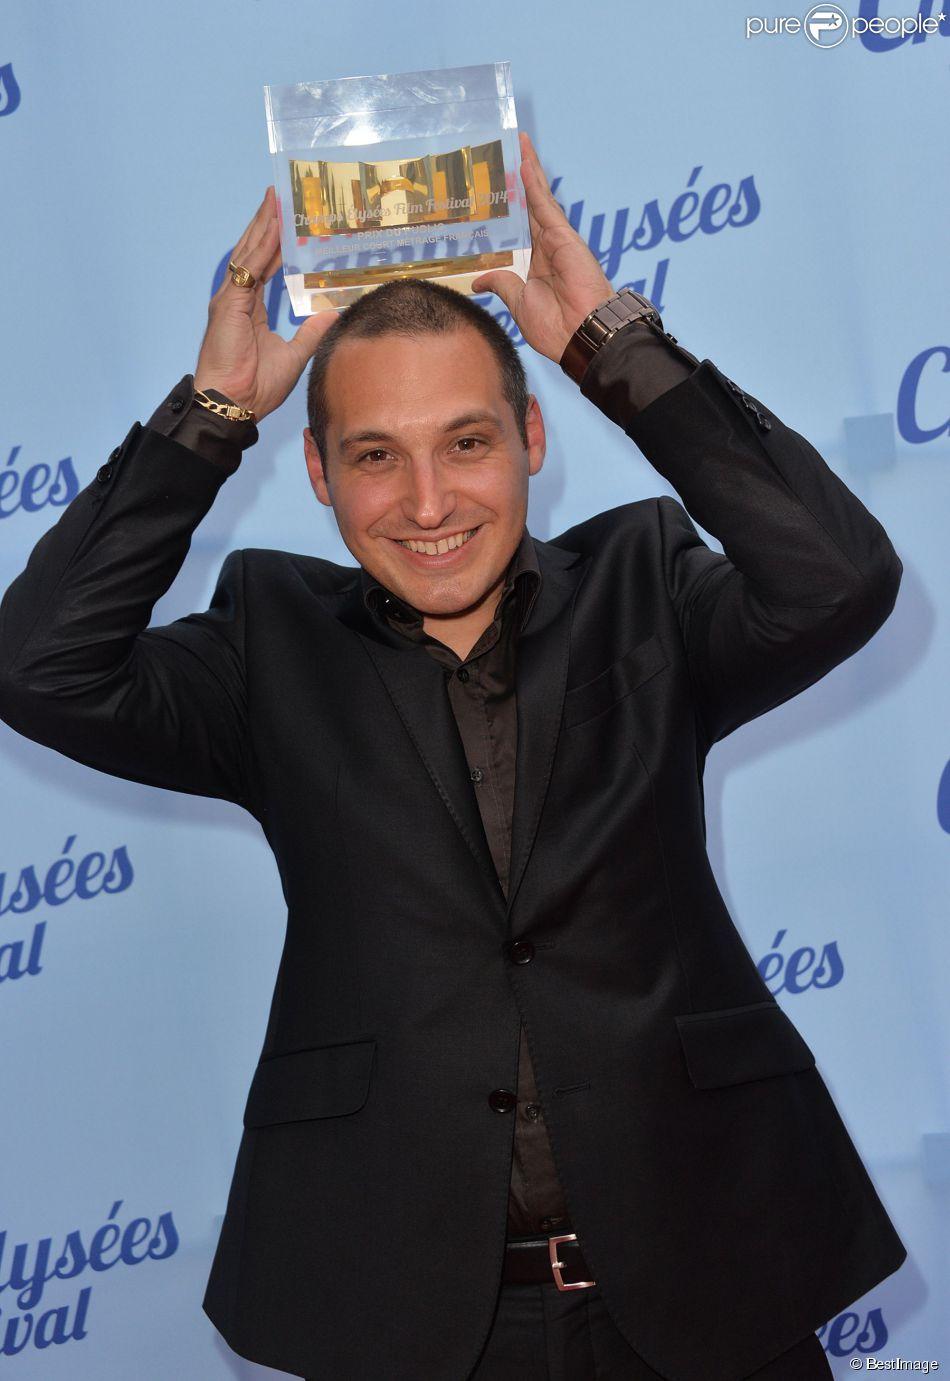 Exclusif - Emmanuel Fricero (le Prix du Public du court-métrage français) lors de la cérémonie de clôture du 3e Champs-Elysées Film Festival au Publicis à Paris, le 17 juin 2014.